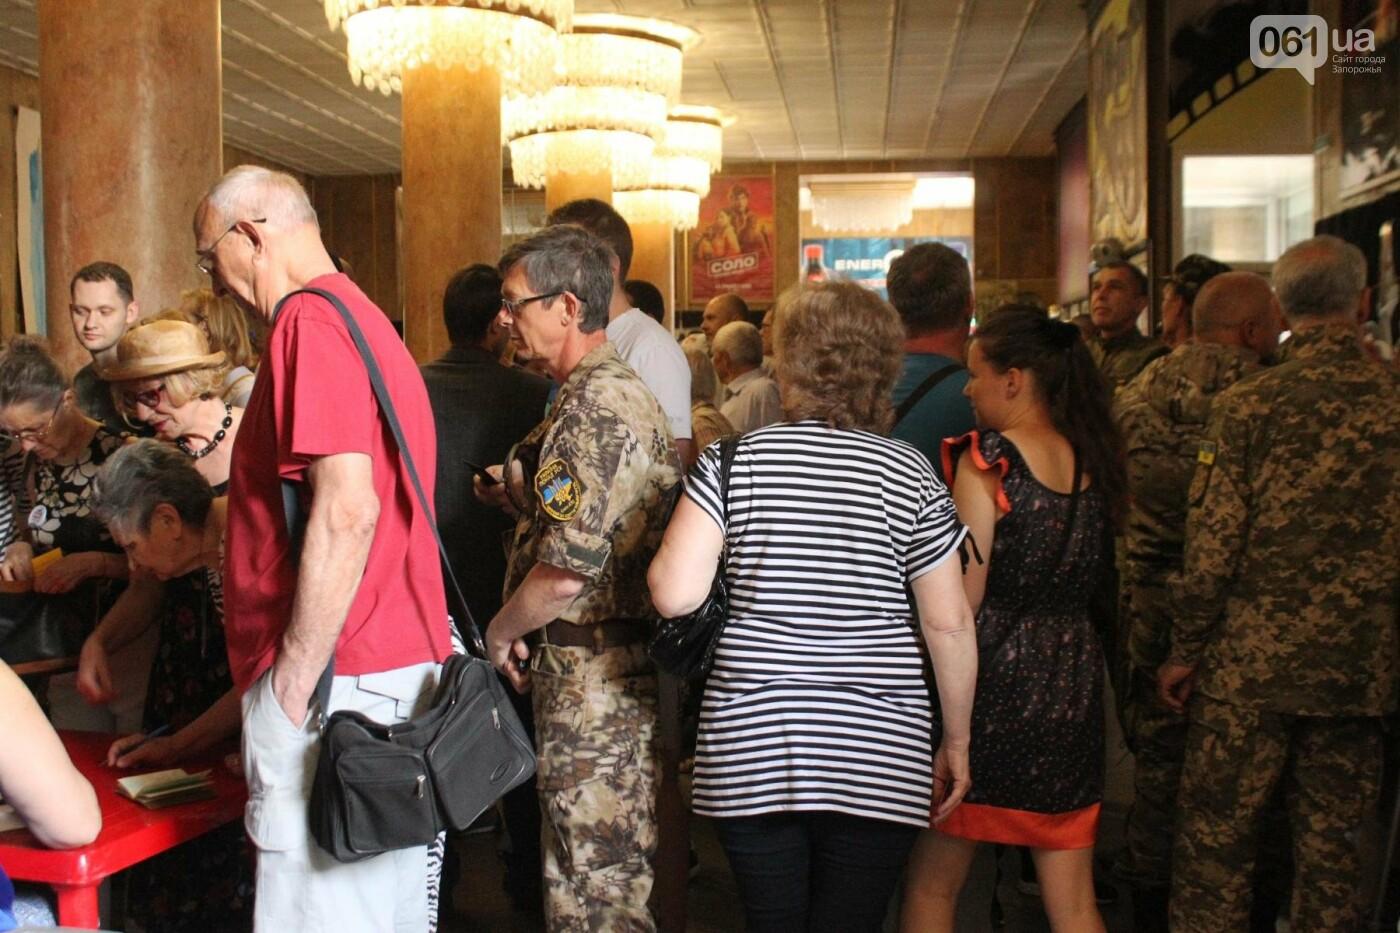 Запорожцы на общественных слушаниях проголосовали против строительства ТЦ Кальцева в сквере Яланского, - ФОТОРЕПОРТАЖ, ВИДЕО, фото-5